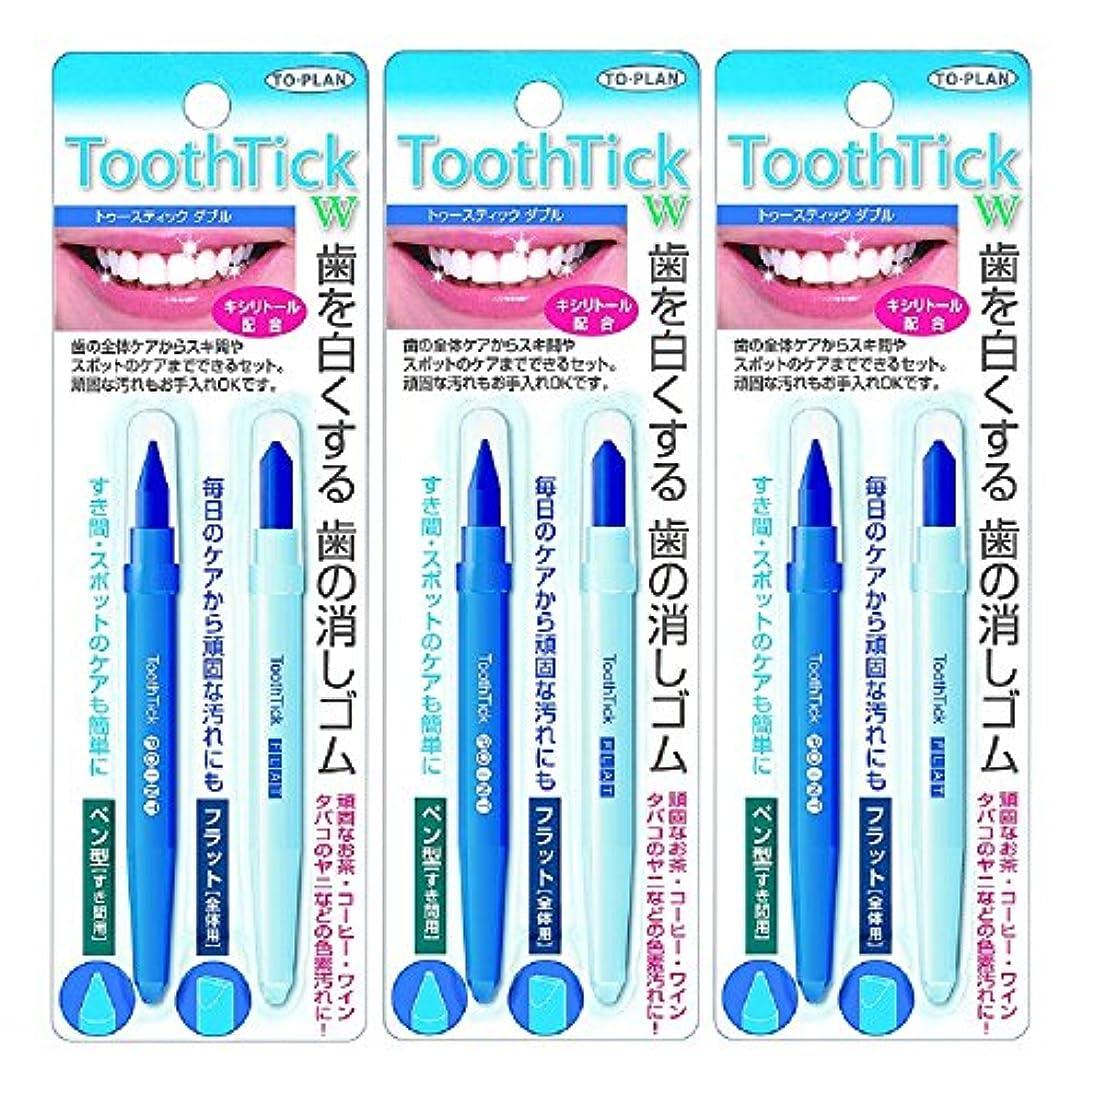 目覚めるコーラス傷つきやすいトプラン 歯の消しゴム トゥースティック ダブル TKSA-03 3個セット